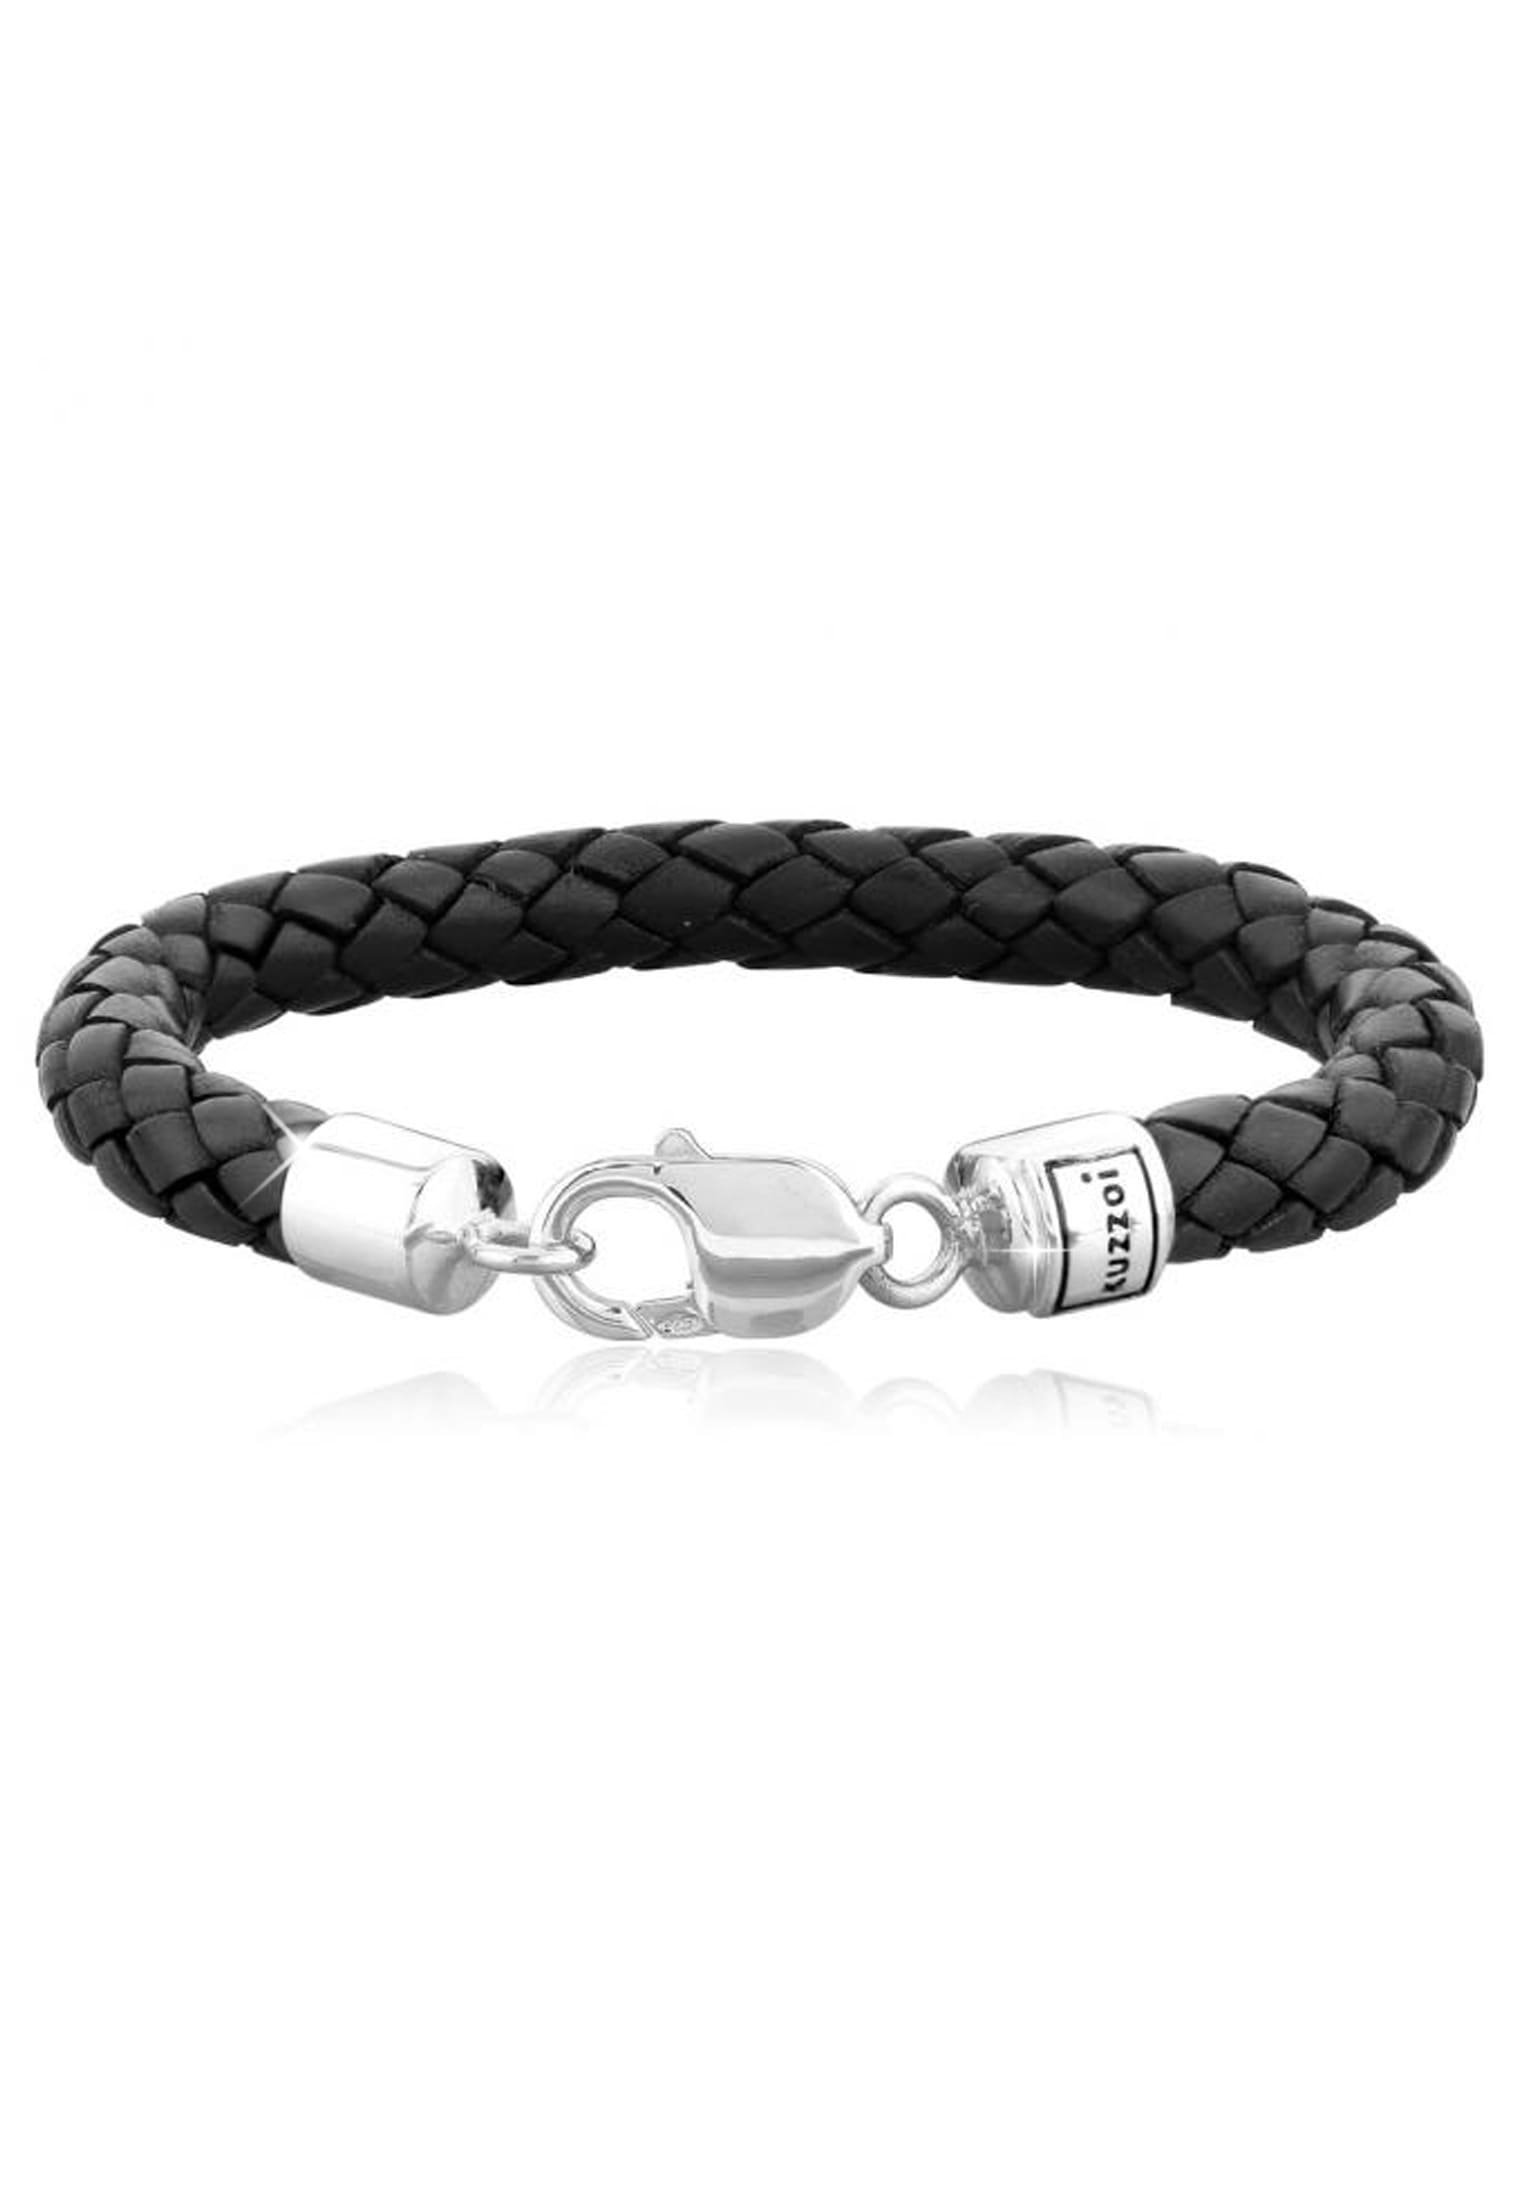 Kuzzoi Armband Herren Echtleder Geflochten Karabiner 925 Silber | Schmuck > Armbänder > Silberarmbänder | Leder | Kuzzoi